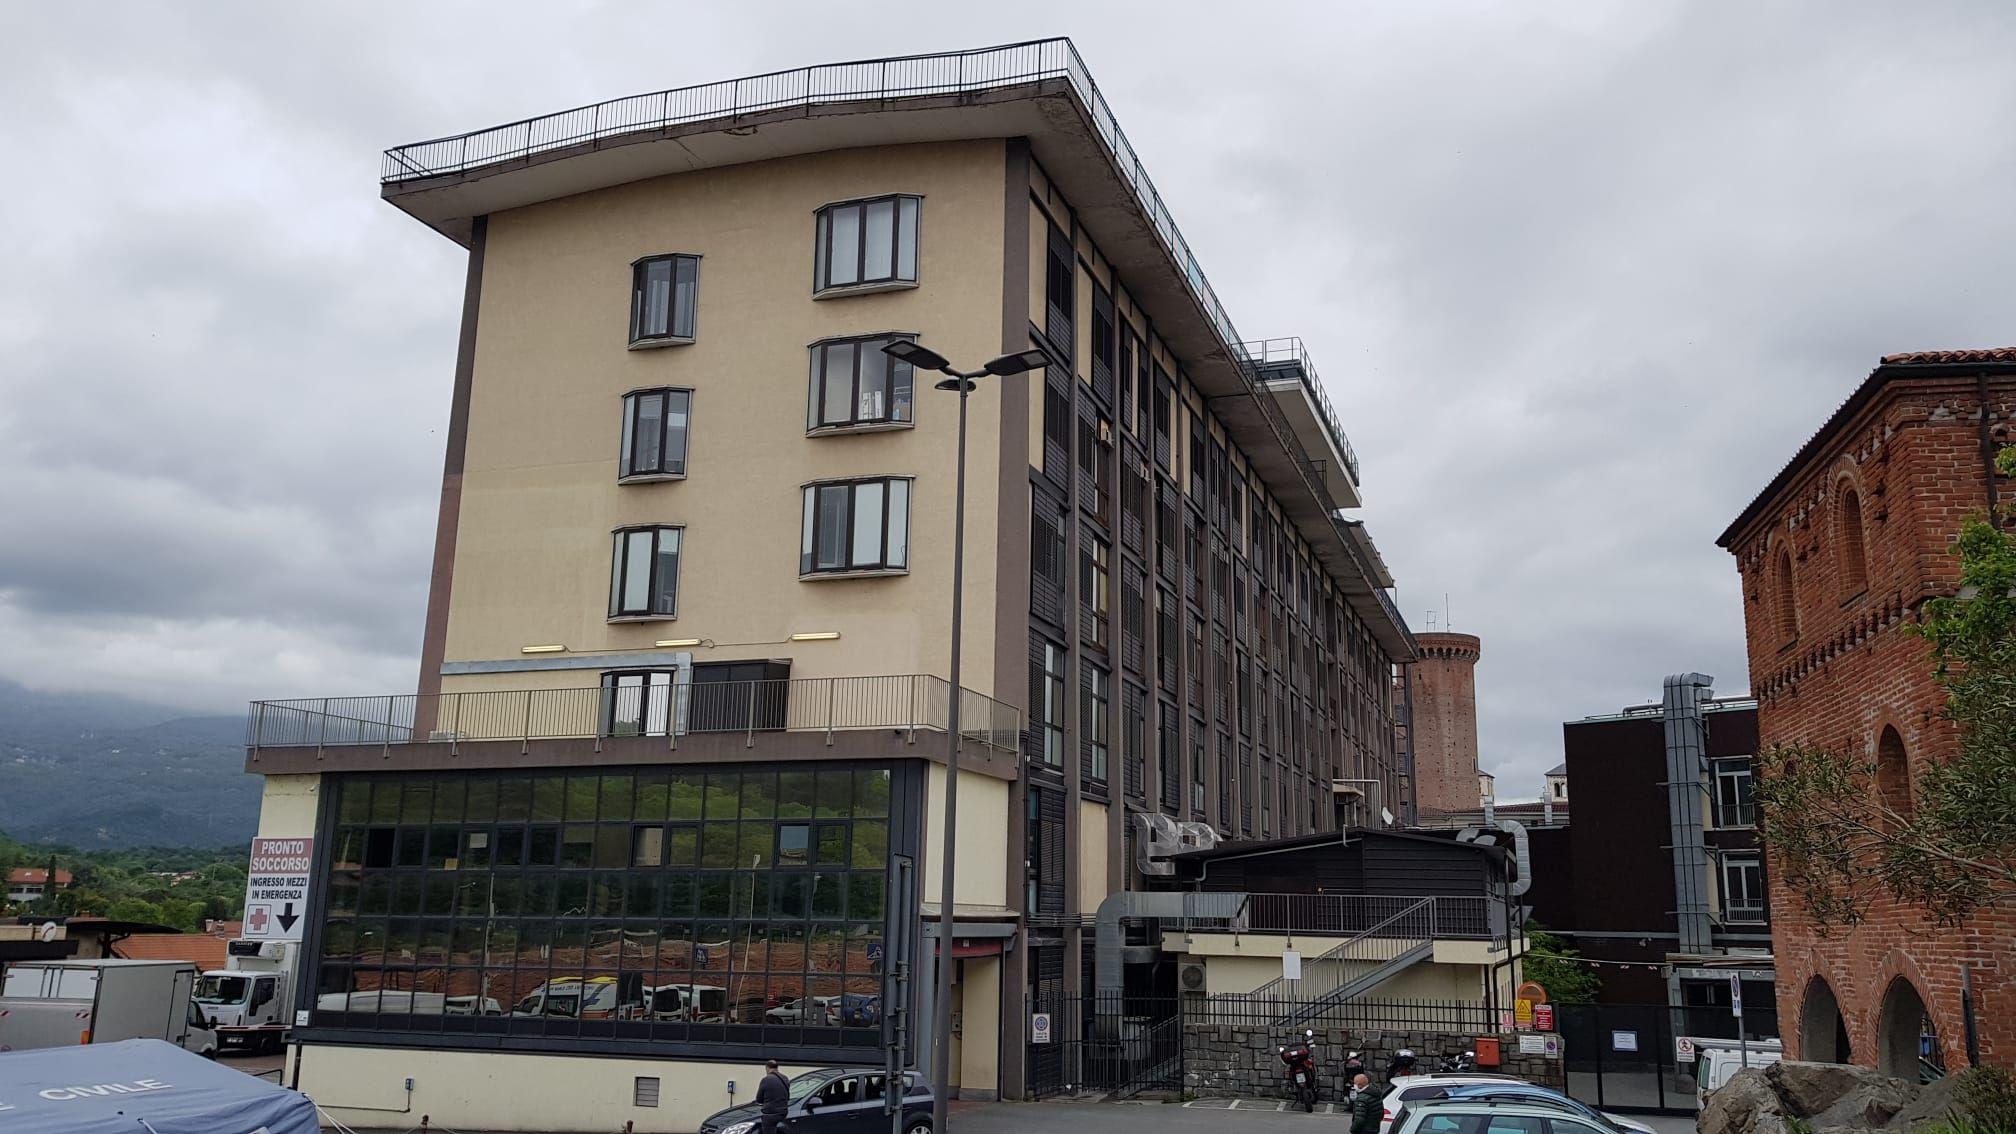 IVREA - Ospedale resta senza ossigeno: la procura invia i tecnici dello Spresal per le indagini del caso